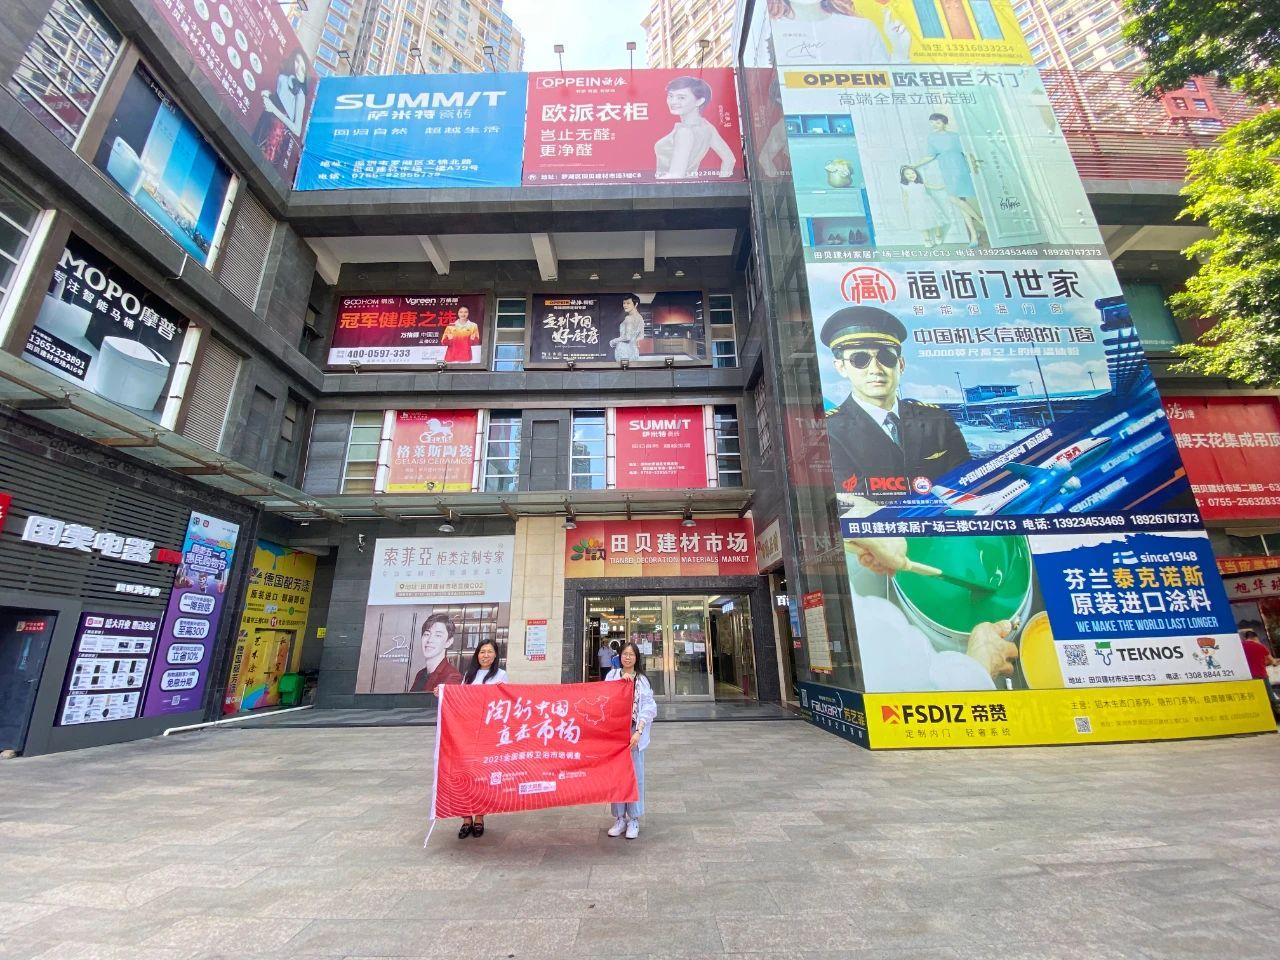 深圳的瓷砖市场并没有想象中繁荣|陶行中国?深圳站?印象篇